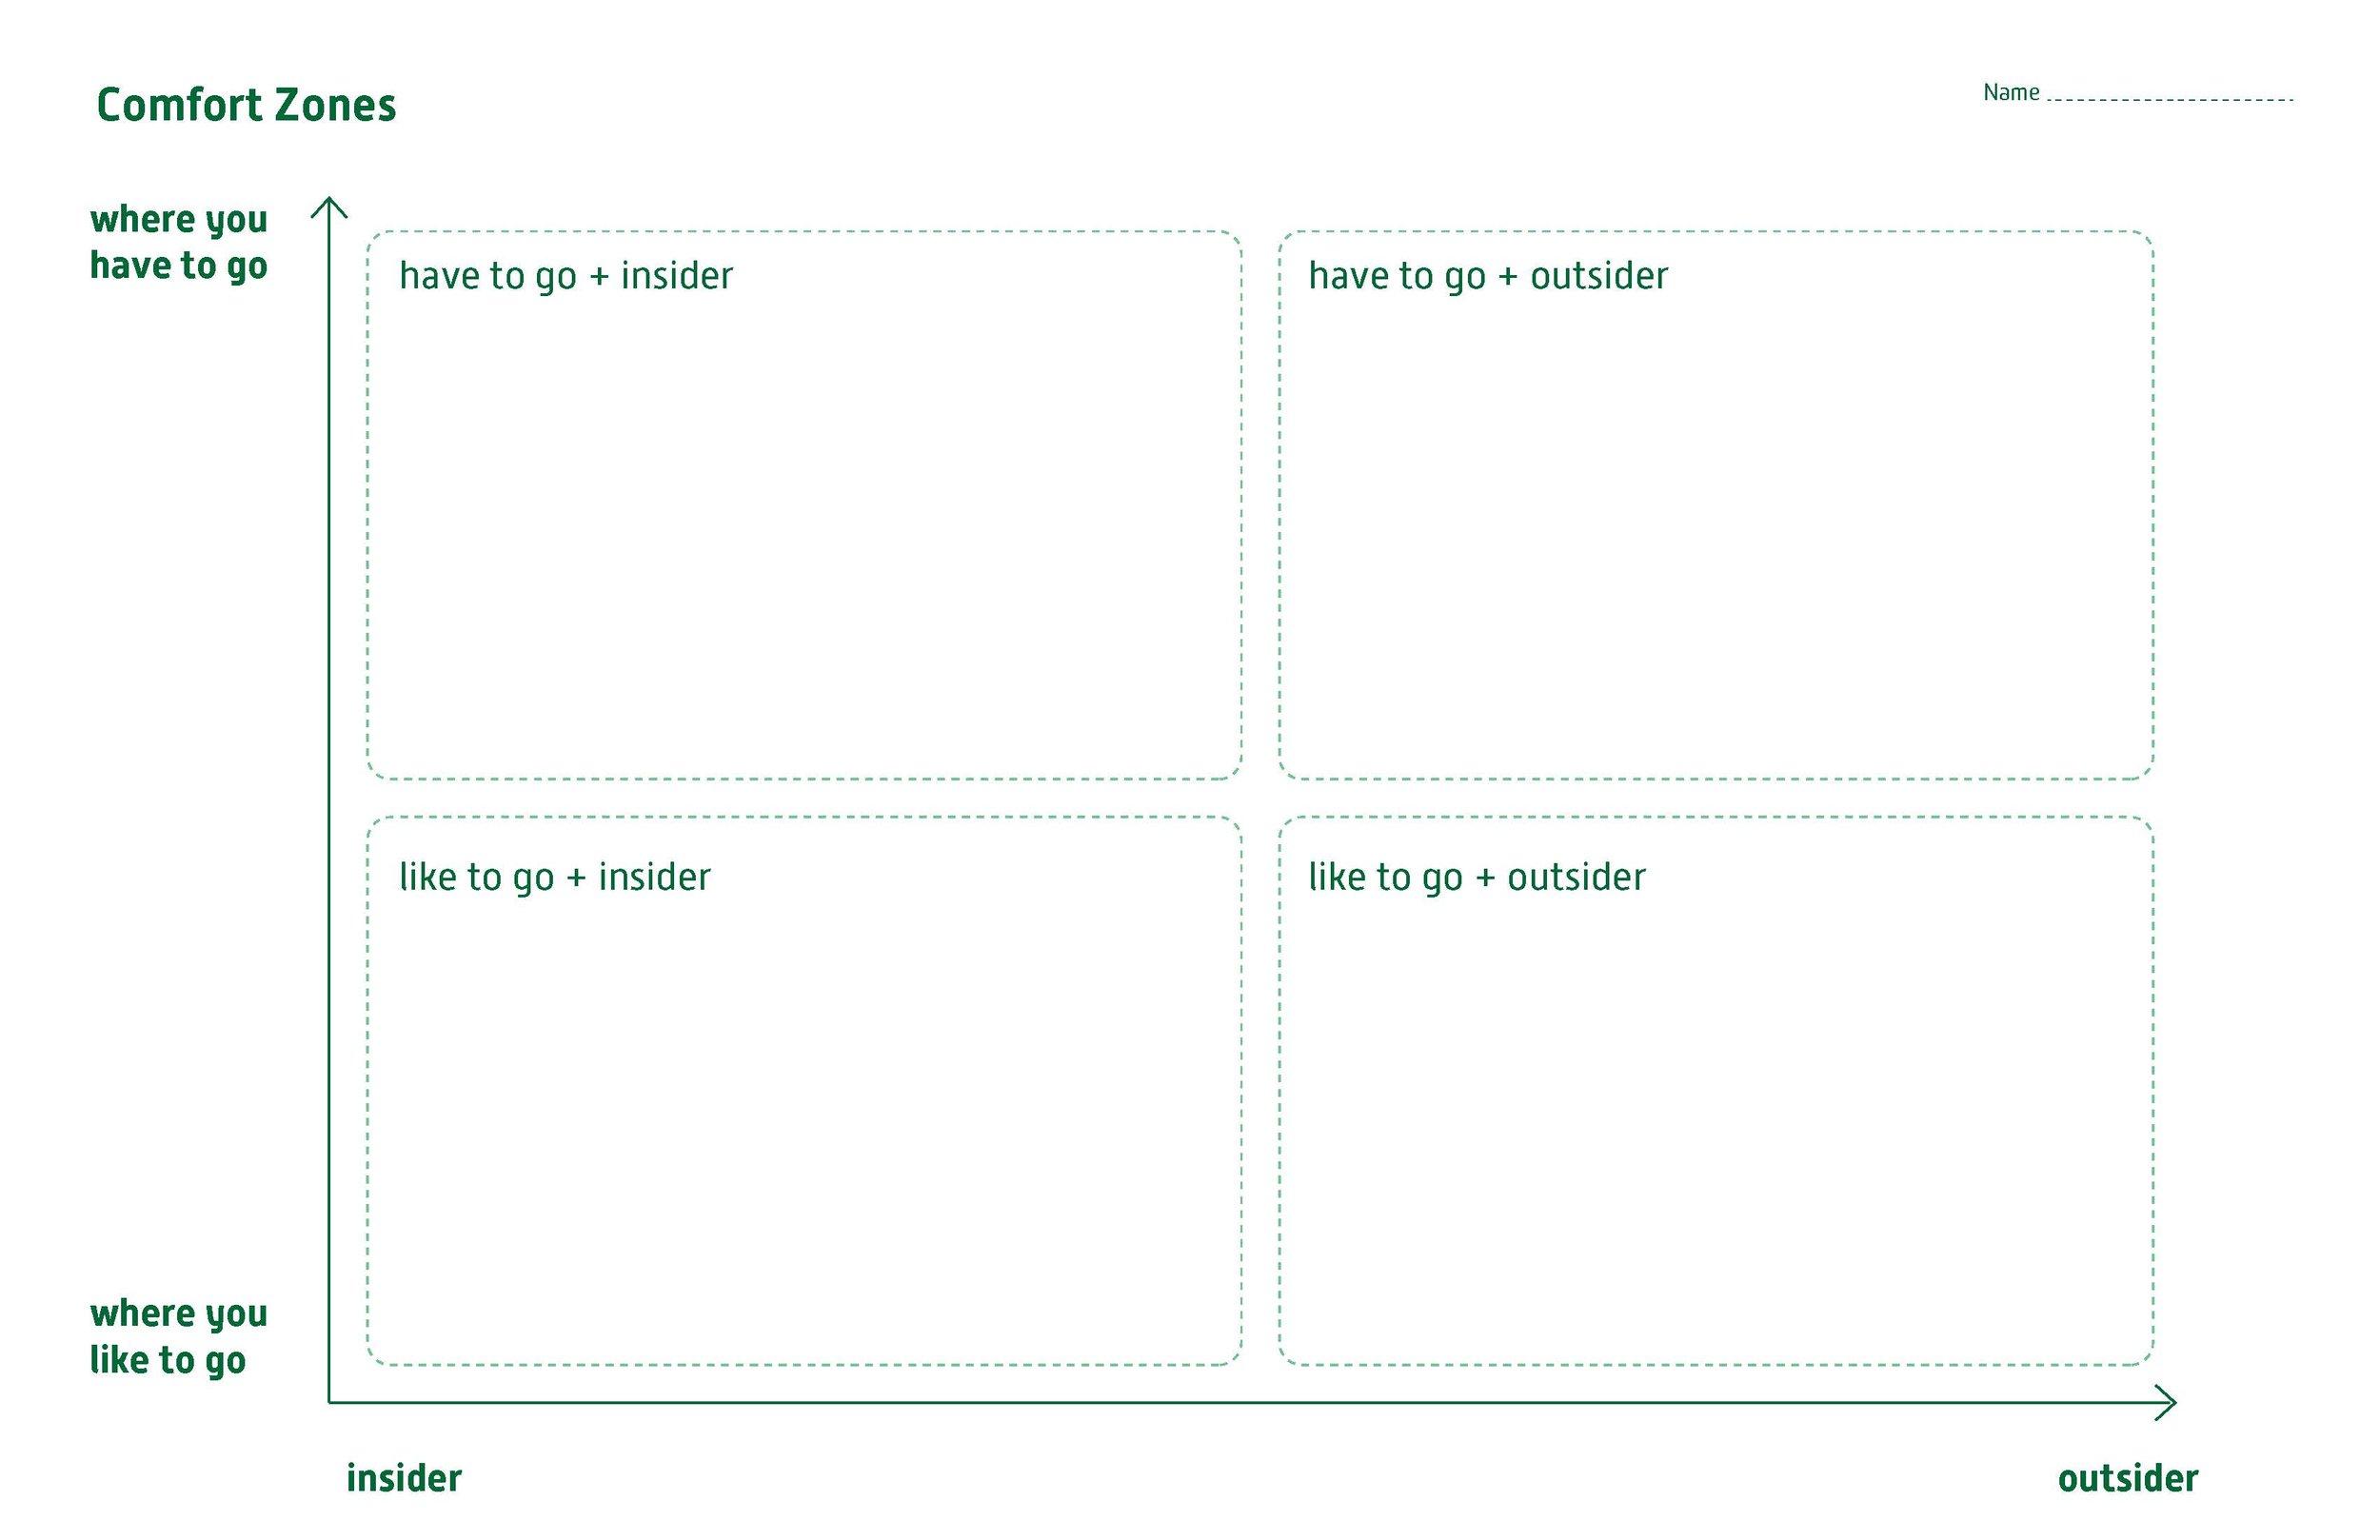 Omidyar_Interviewee_Worksheets_version_2_Page_4.jpg